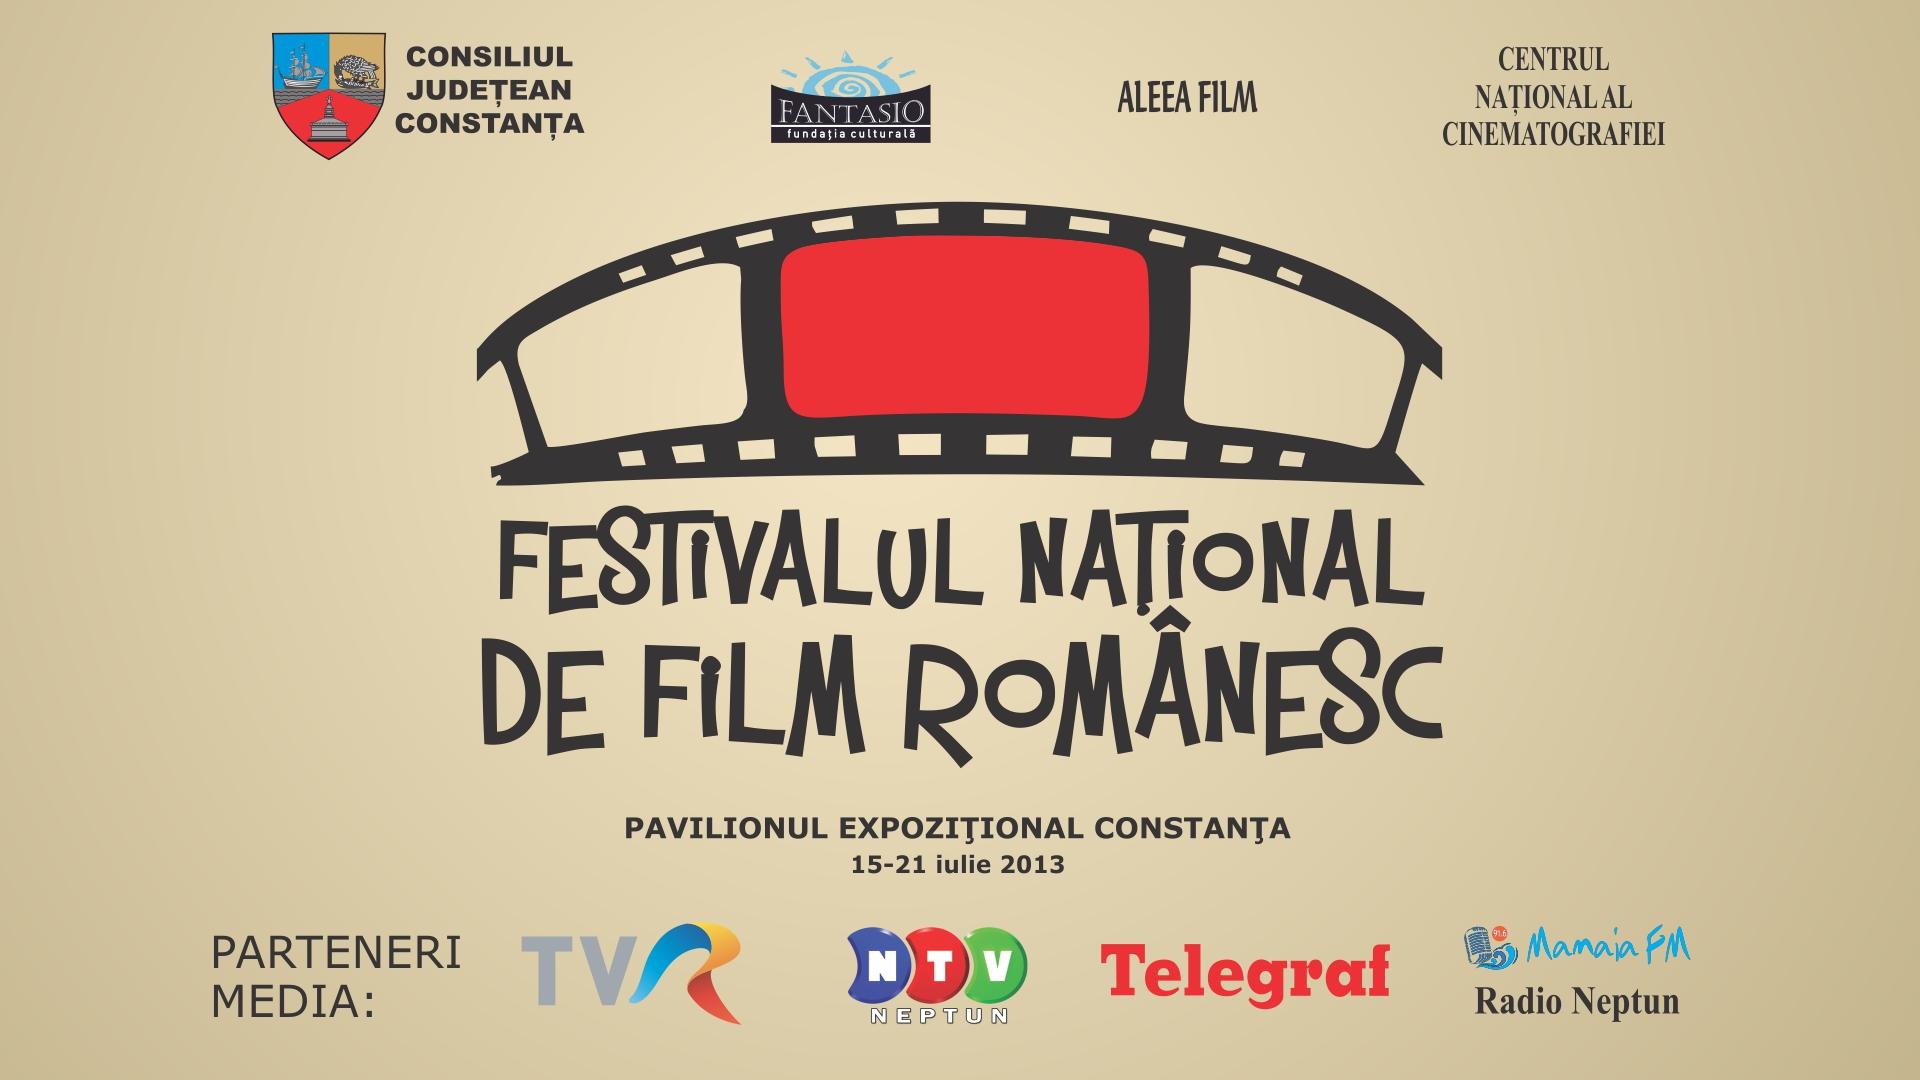 Festivalului National de Film Romanesc 2013 a fost organizat in perioada 15-21 iulie la Constanta